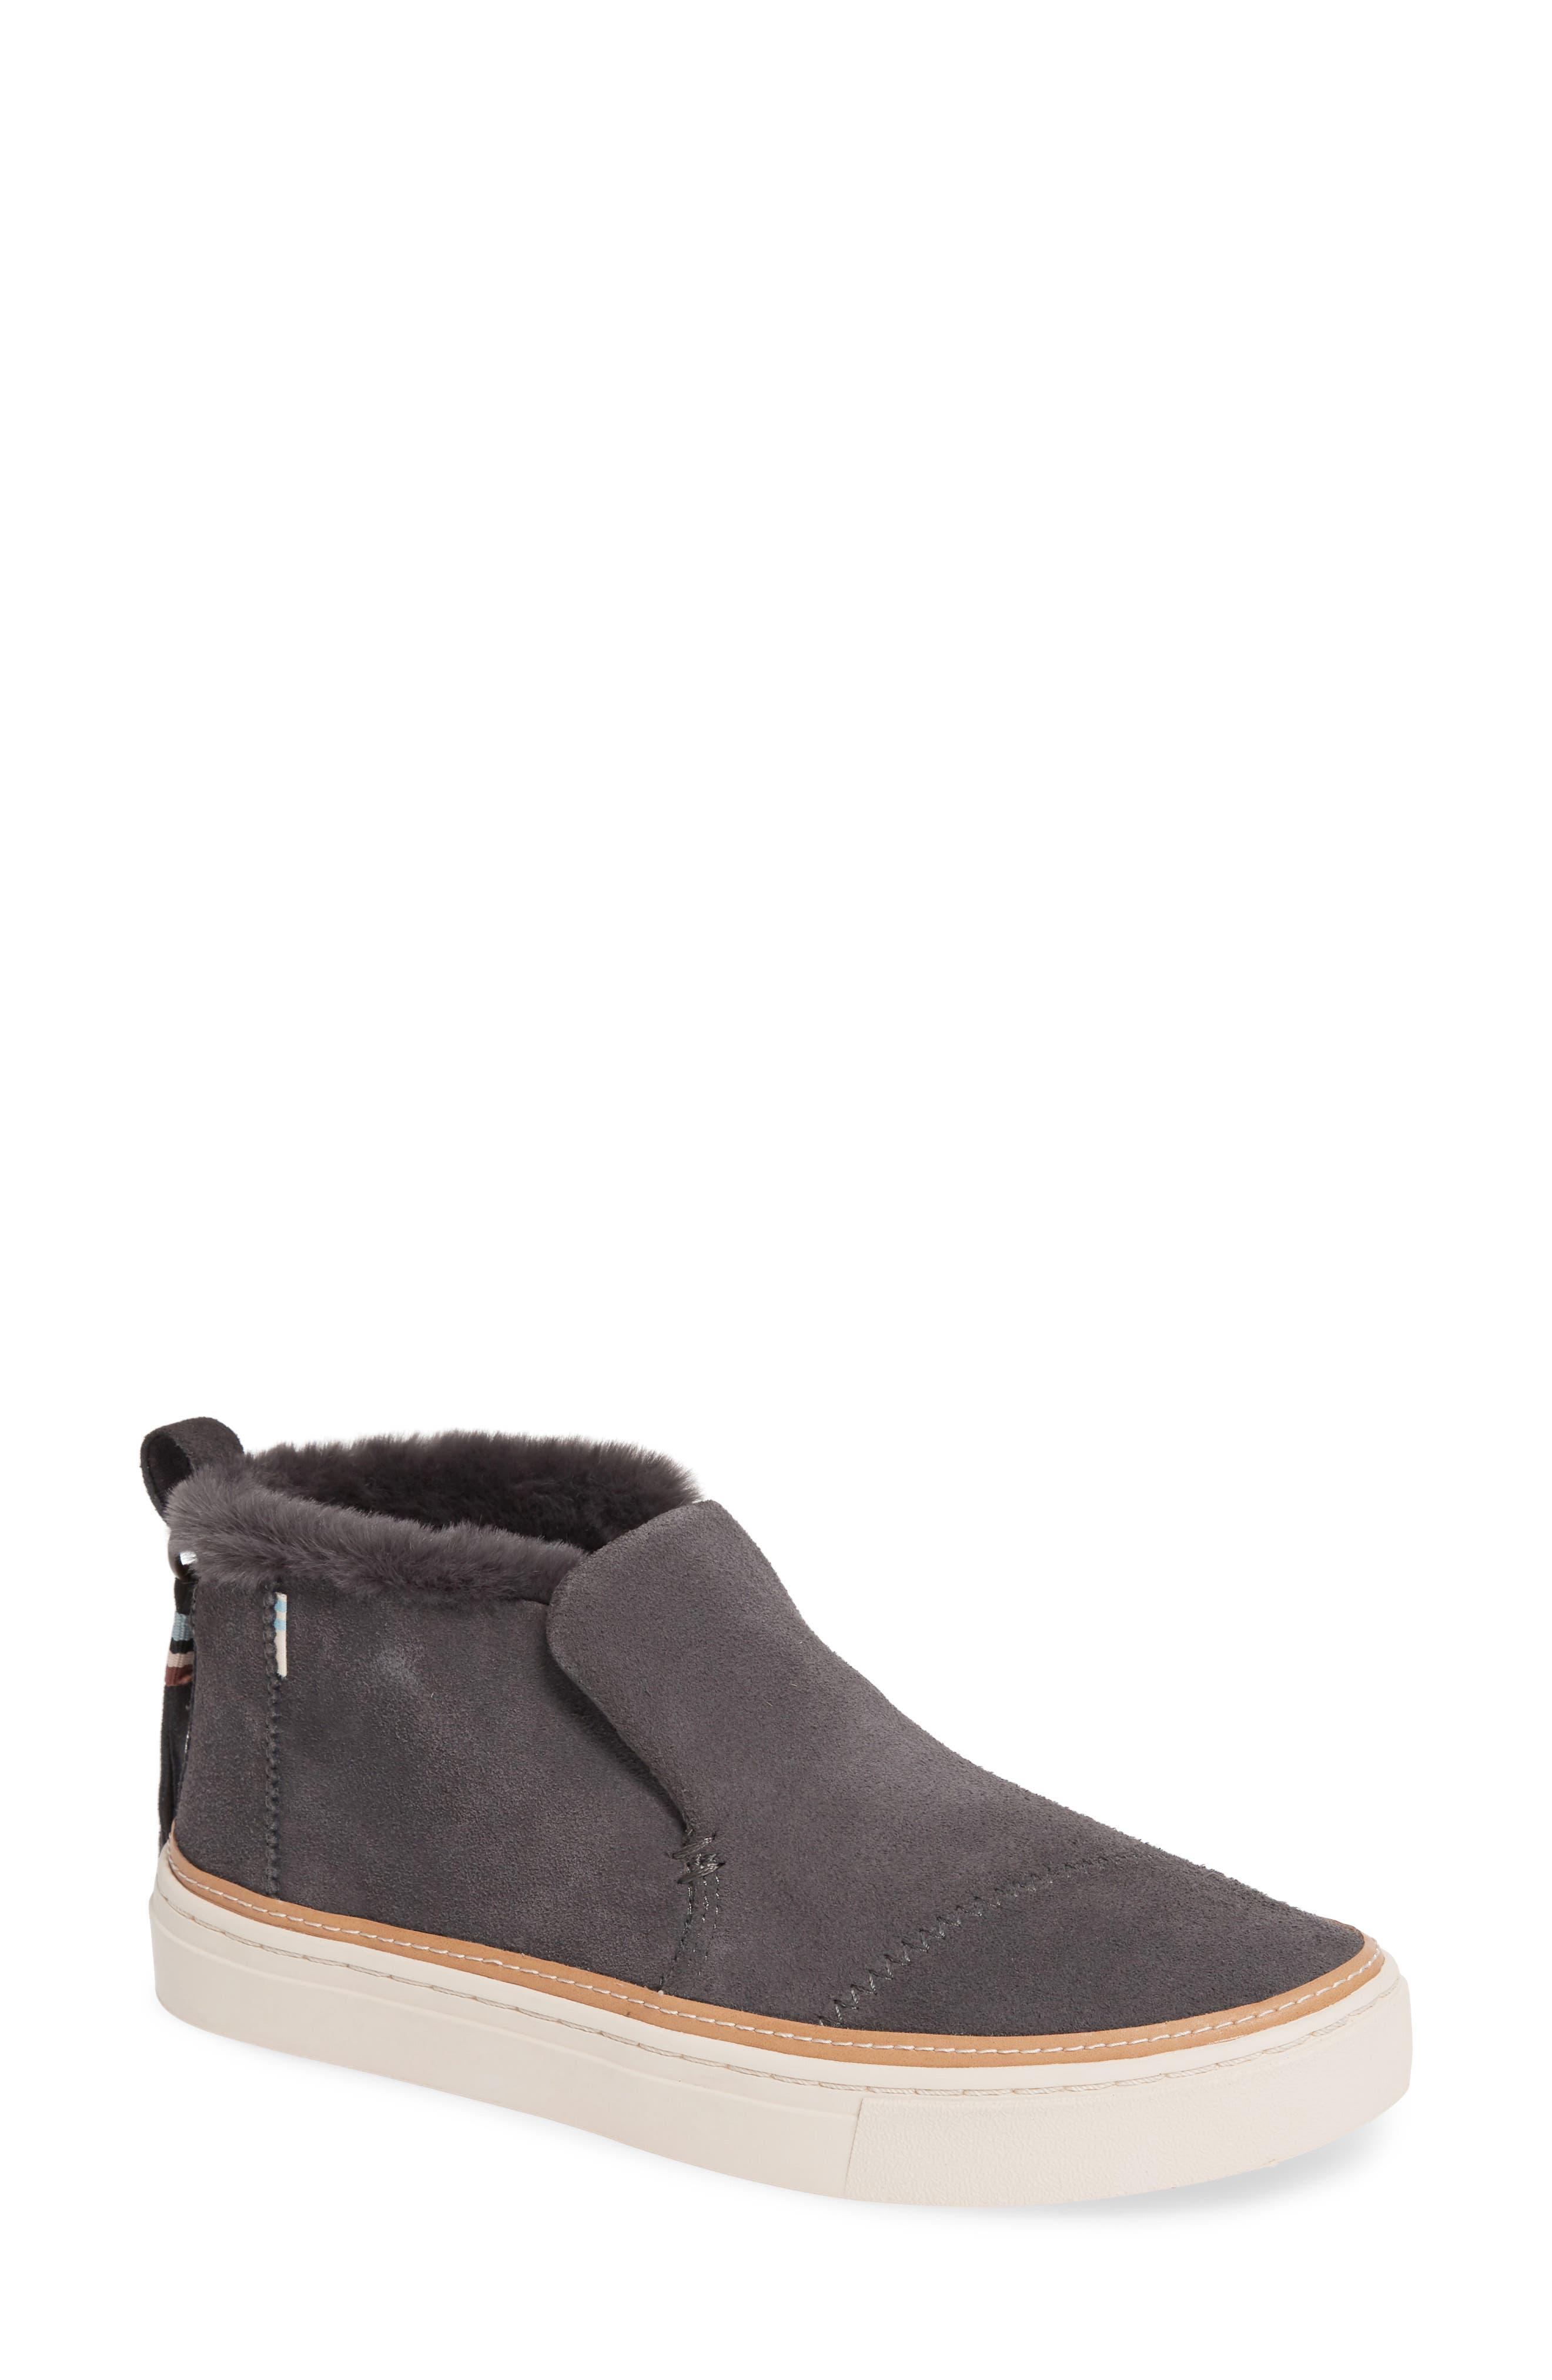 Paxton Slip-On Chukka Sneaker, Main, color, 020